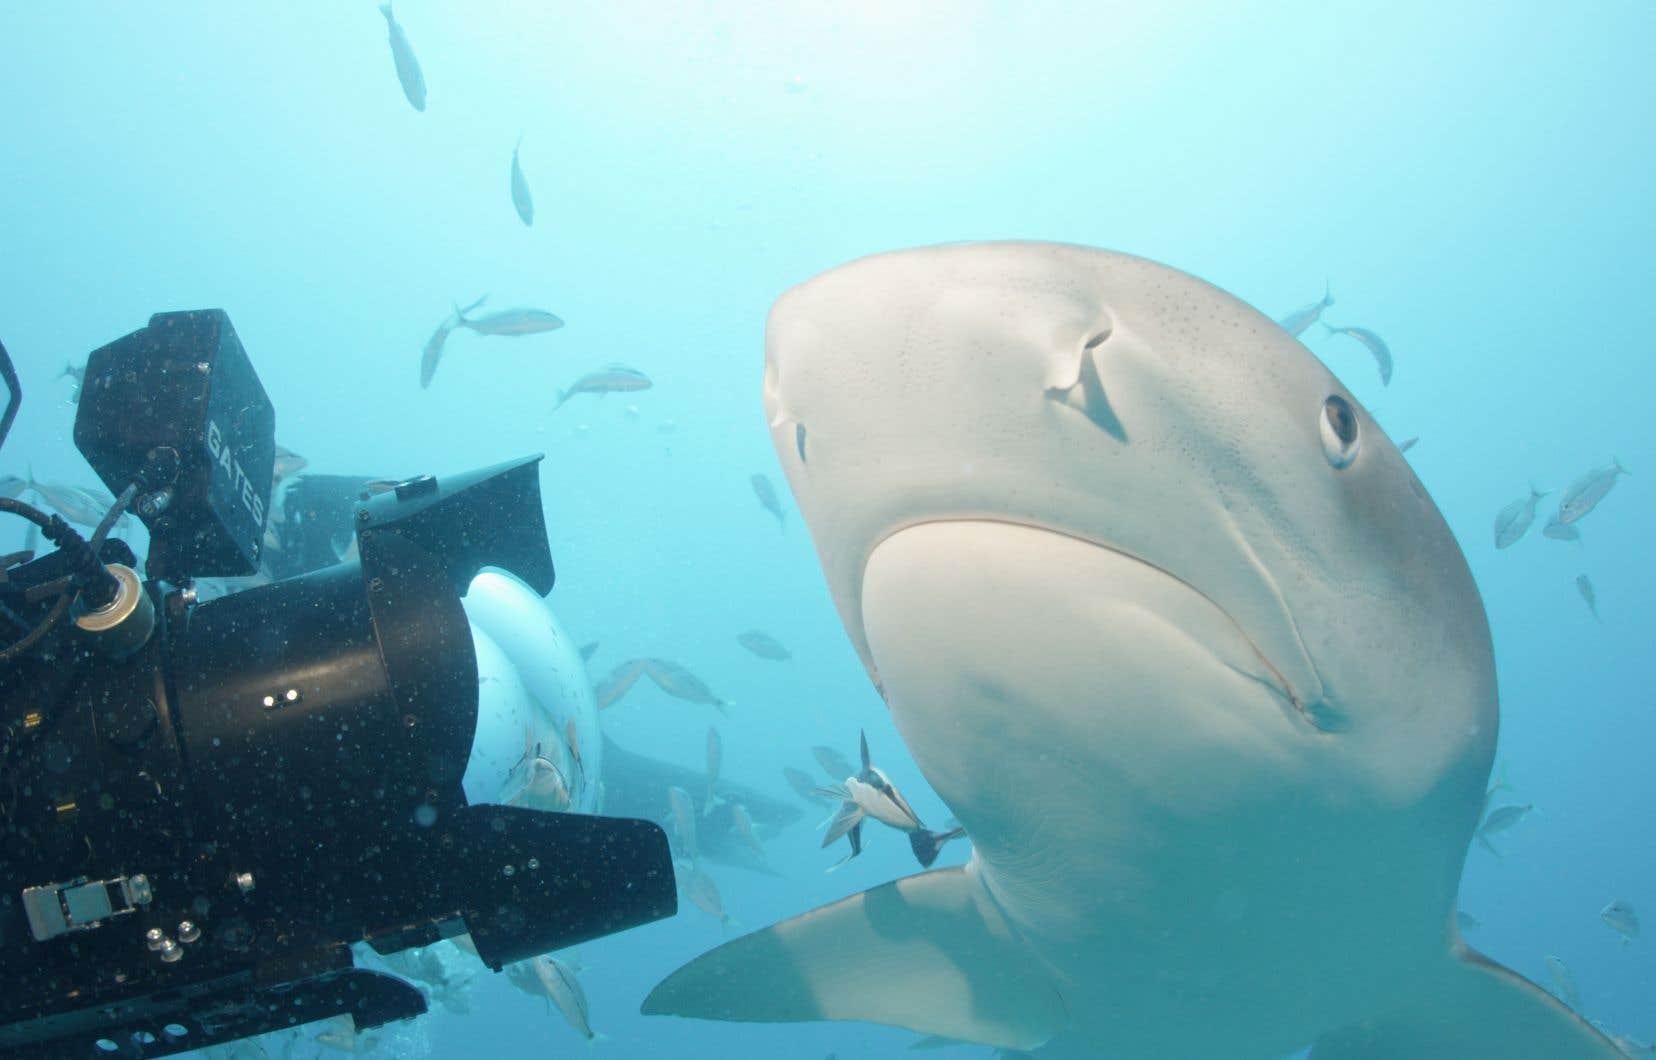 Les requins, les plus grands prédateurs des océans, sont victimes d'une pêche habituellement illégale et systématiquement excessive.